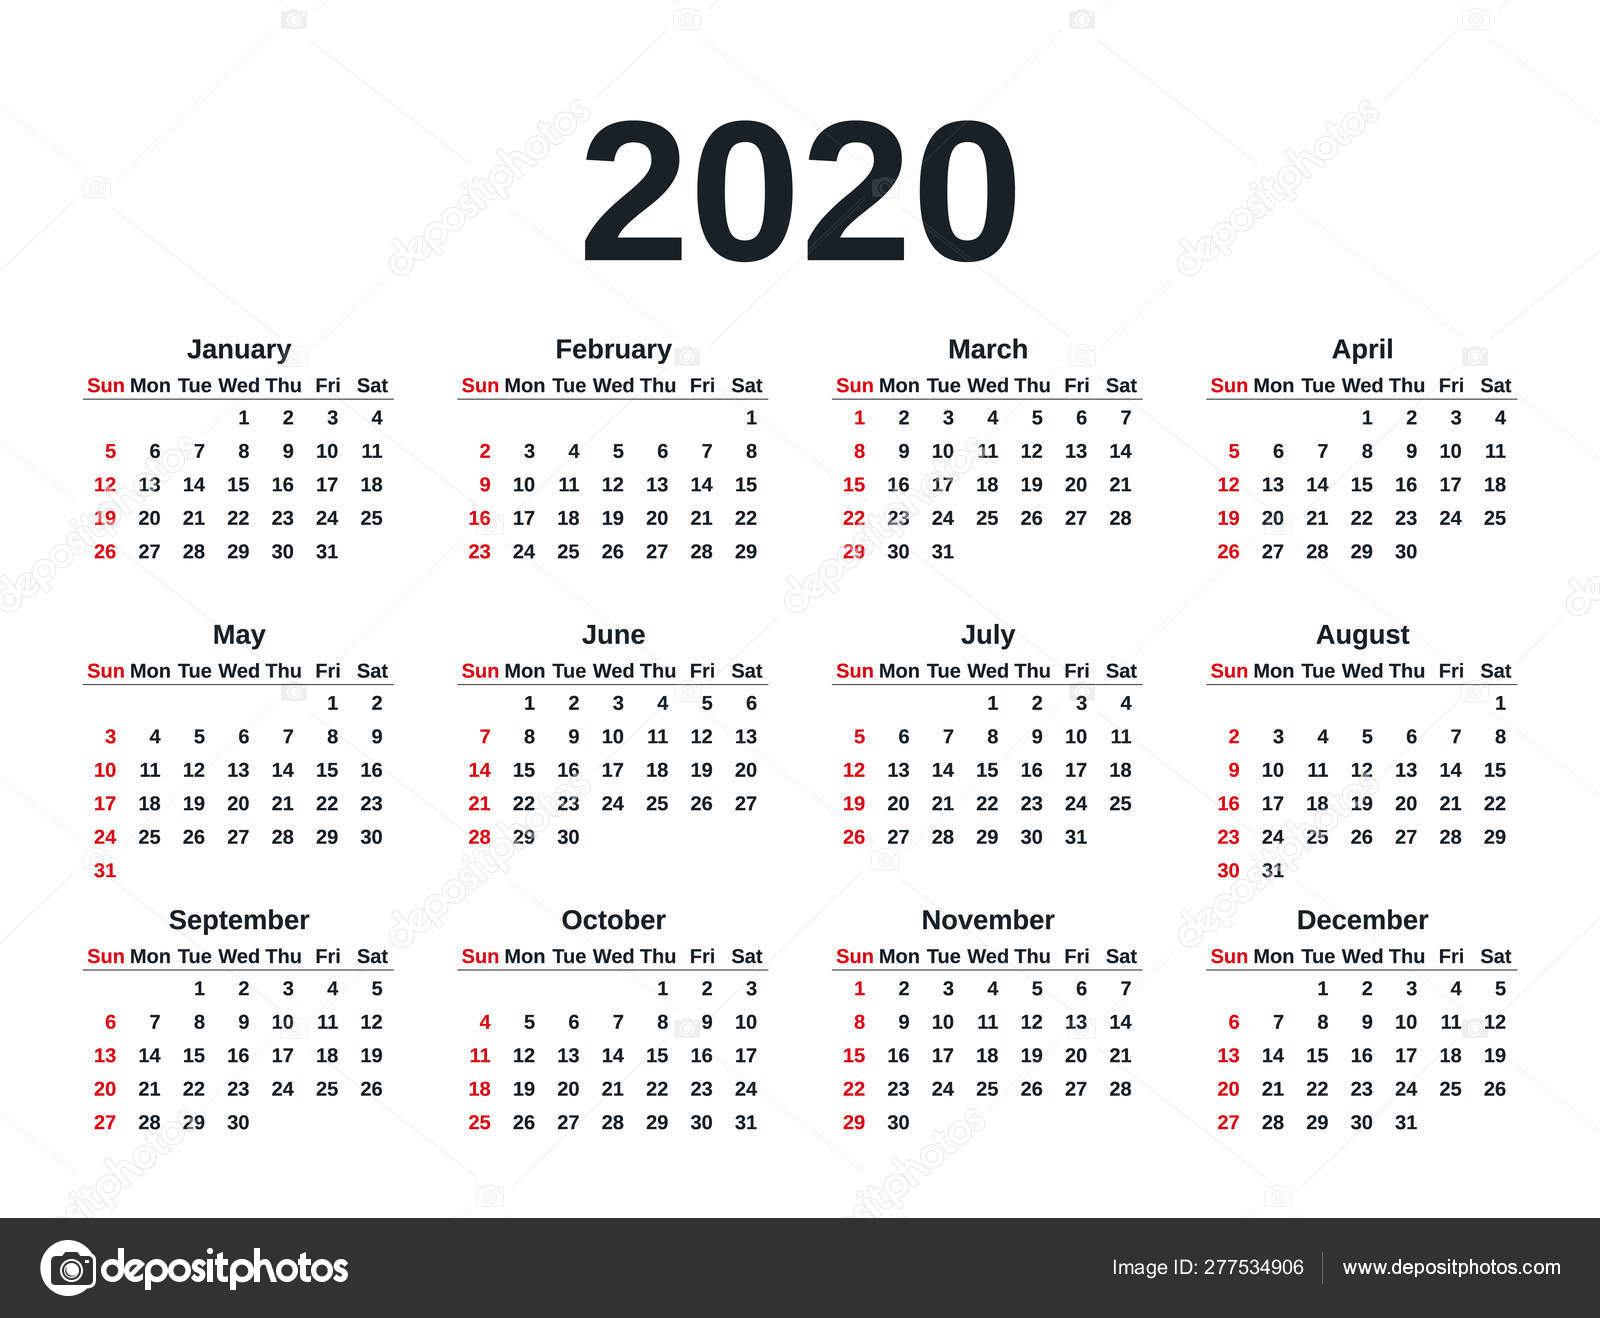 2020 Календарный Год. Векторная Иллюстрация. Планировщик